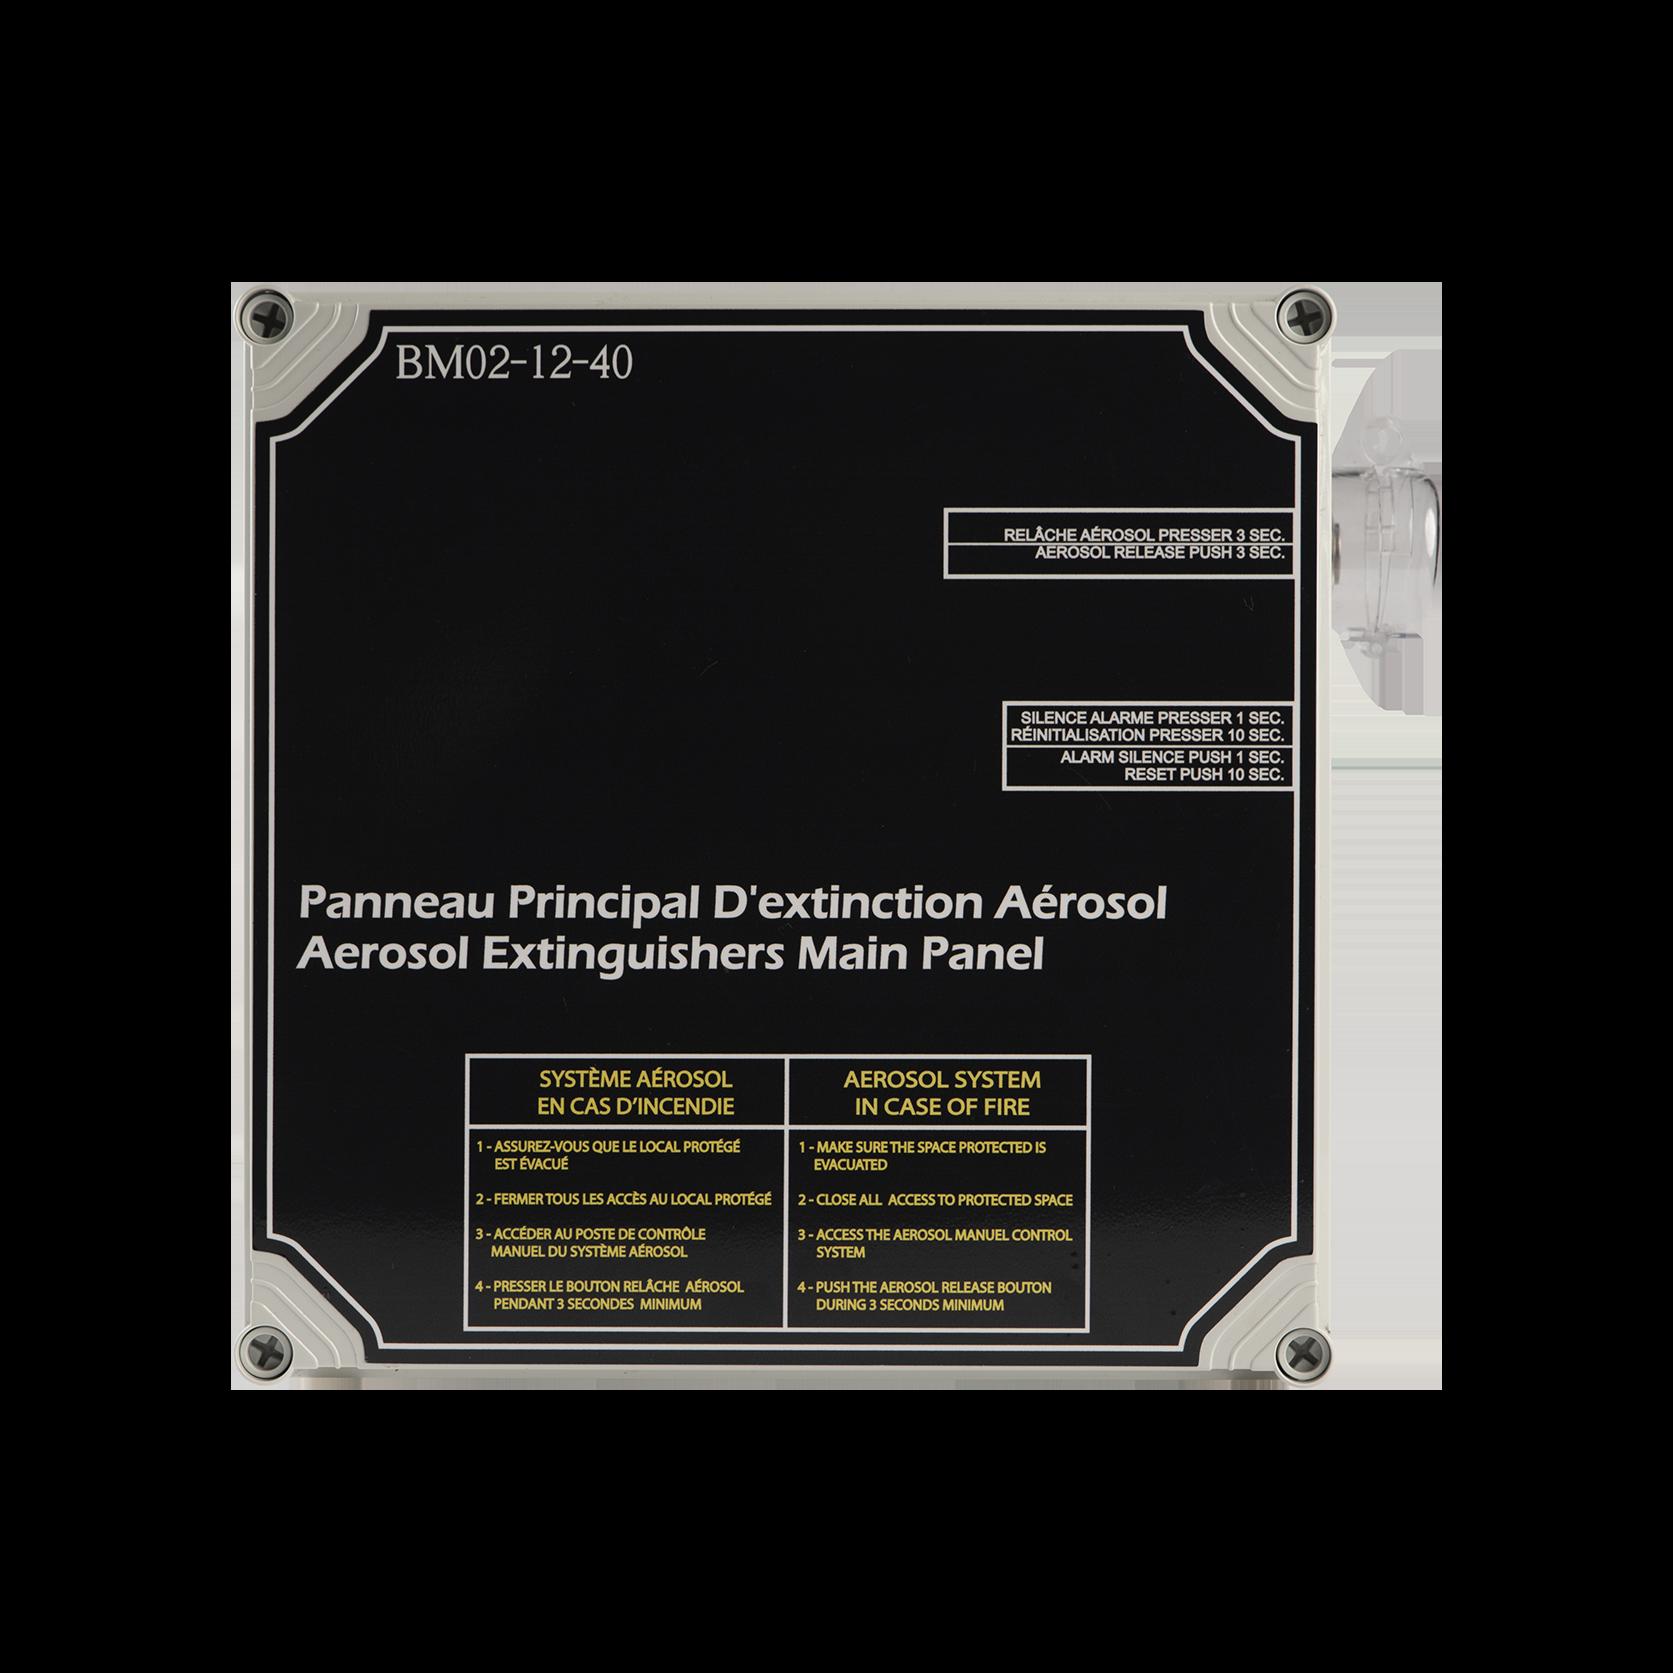 Front photo of the BM02-12-40 aerosol extinguishing main panel